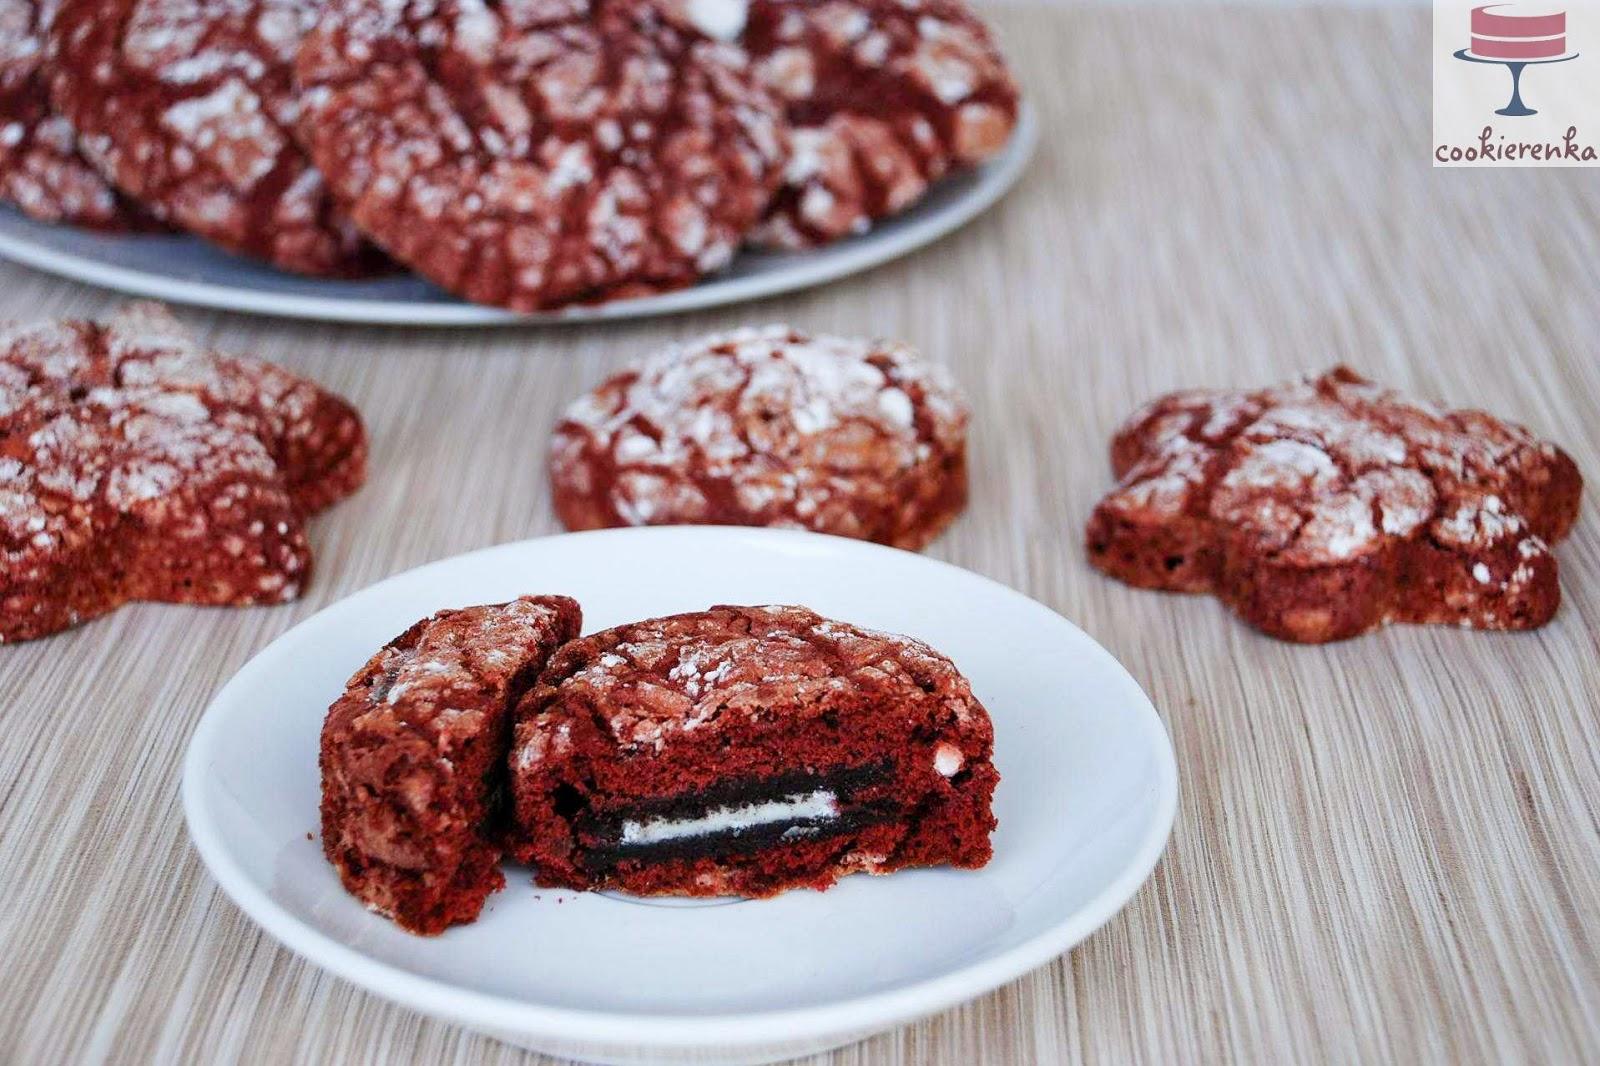 http://www.cookierenka.com/2013/12/ciastka-red-velvet-z-oreo.html